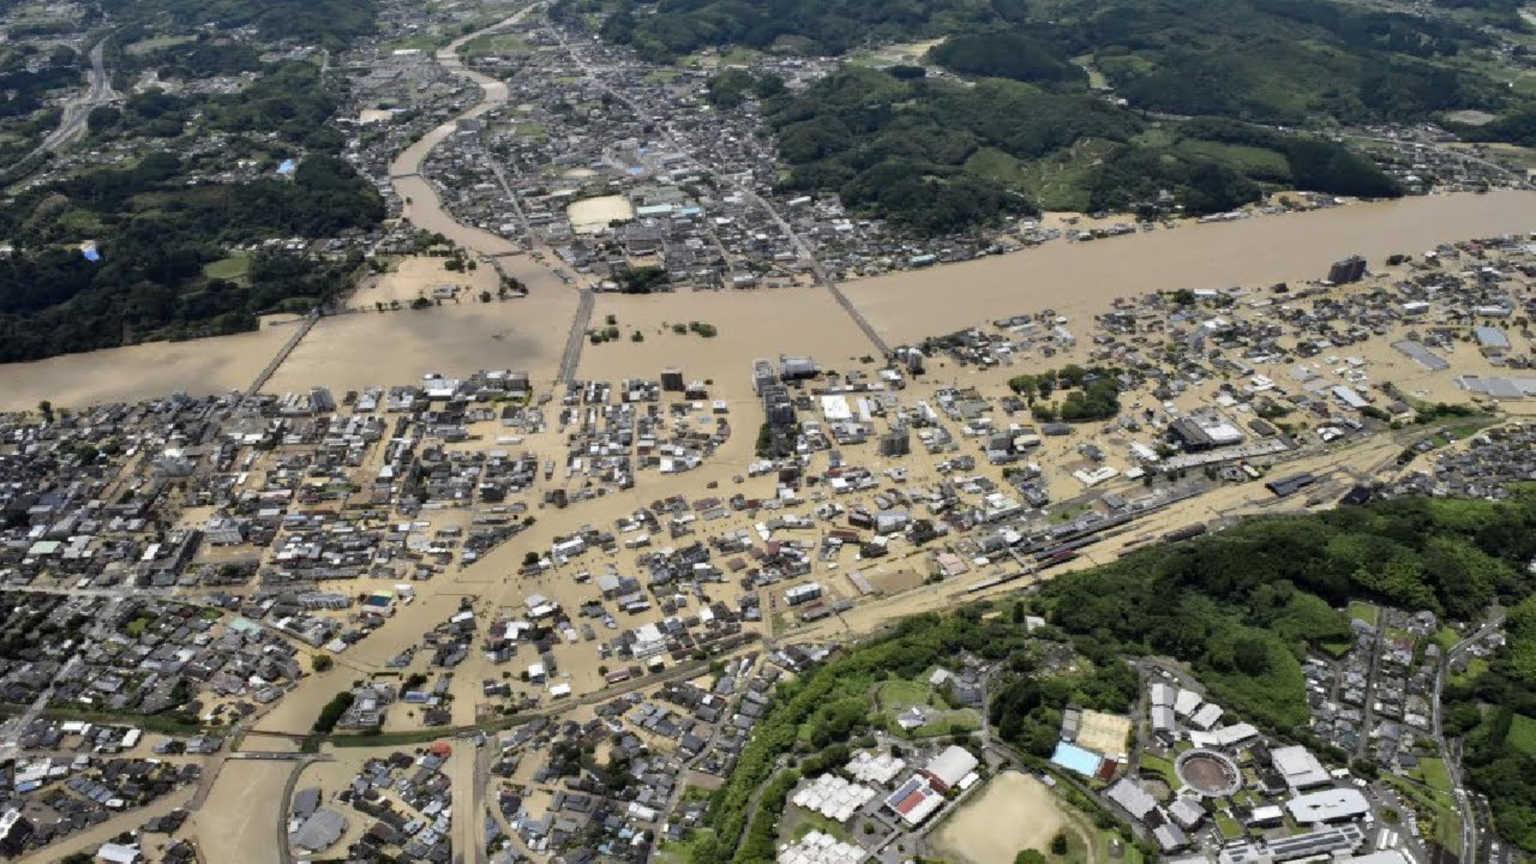 Πνίγηκε το Κιούσου στην Ιαπωνία, υπάρχουν δεκάδες νεκροί